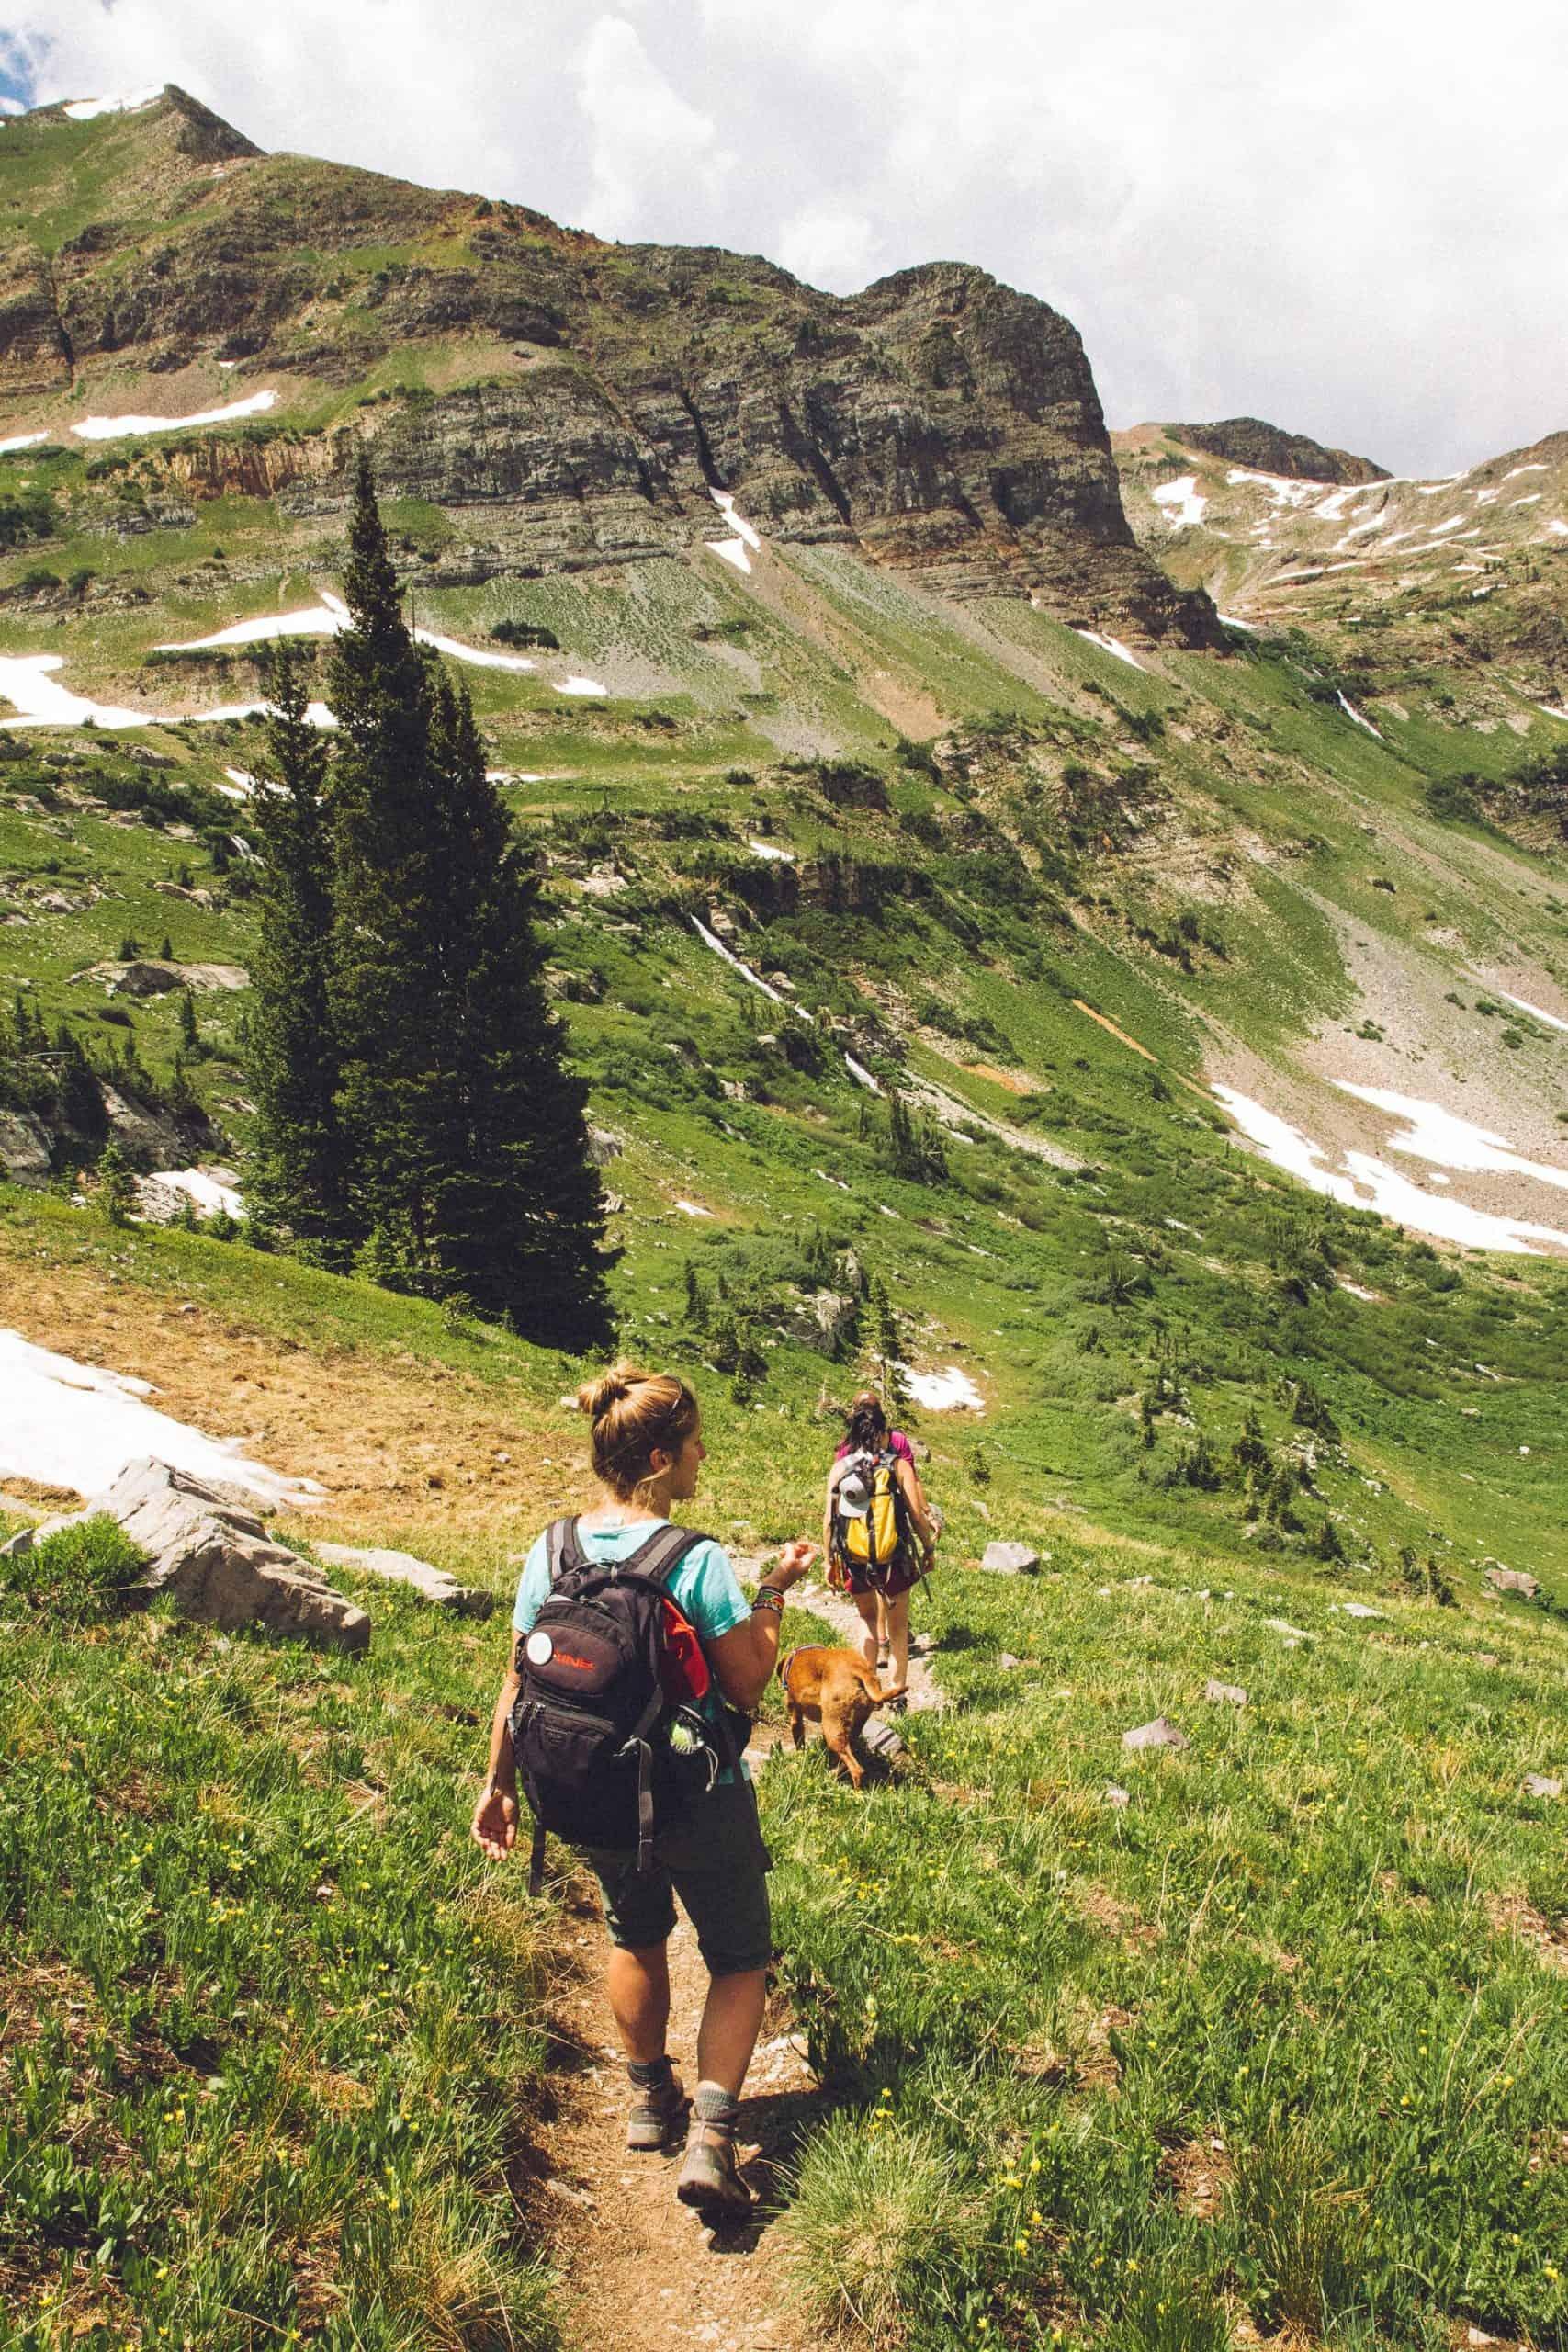 Femme descendant la colline équipée d'un sac à dos randonnée 20L